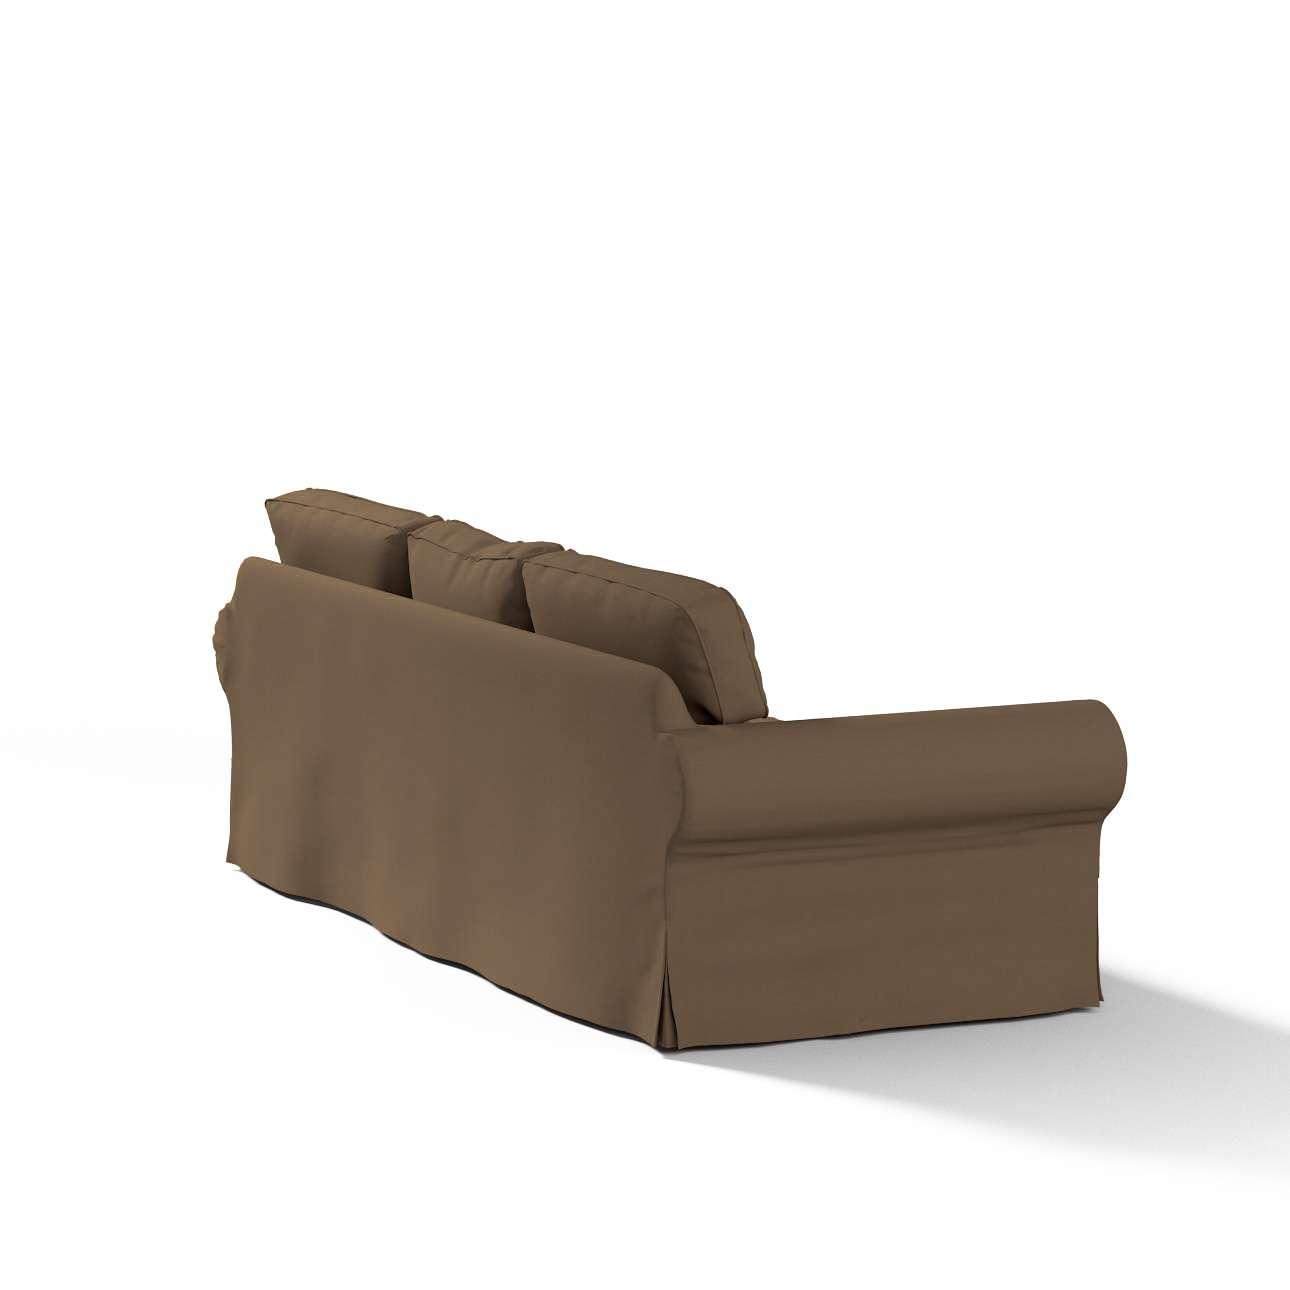 Pokrowiec na sofę Ektorp 3-osobową, rozkładaną NOWY MODEL 2013 Ektorp 3-os rozkładany nowy model 2013 w kolekcji Cotton Panama, tkanina: 702-02